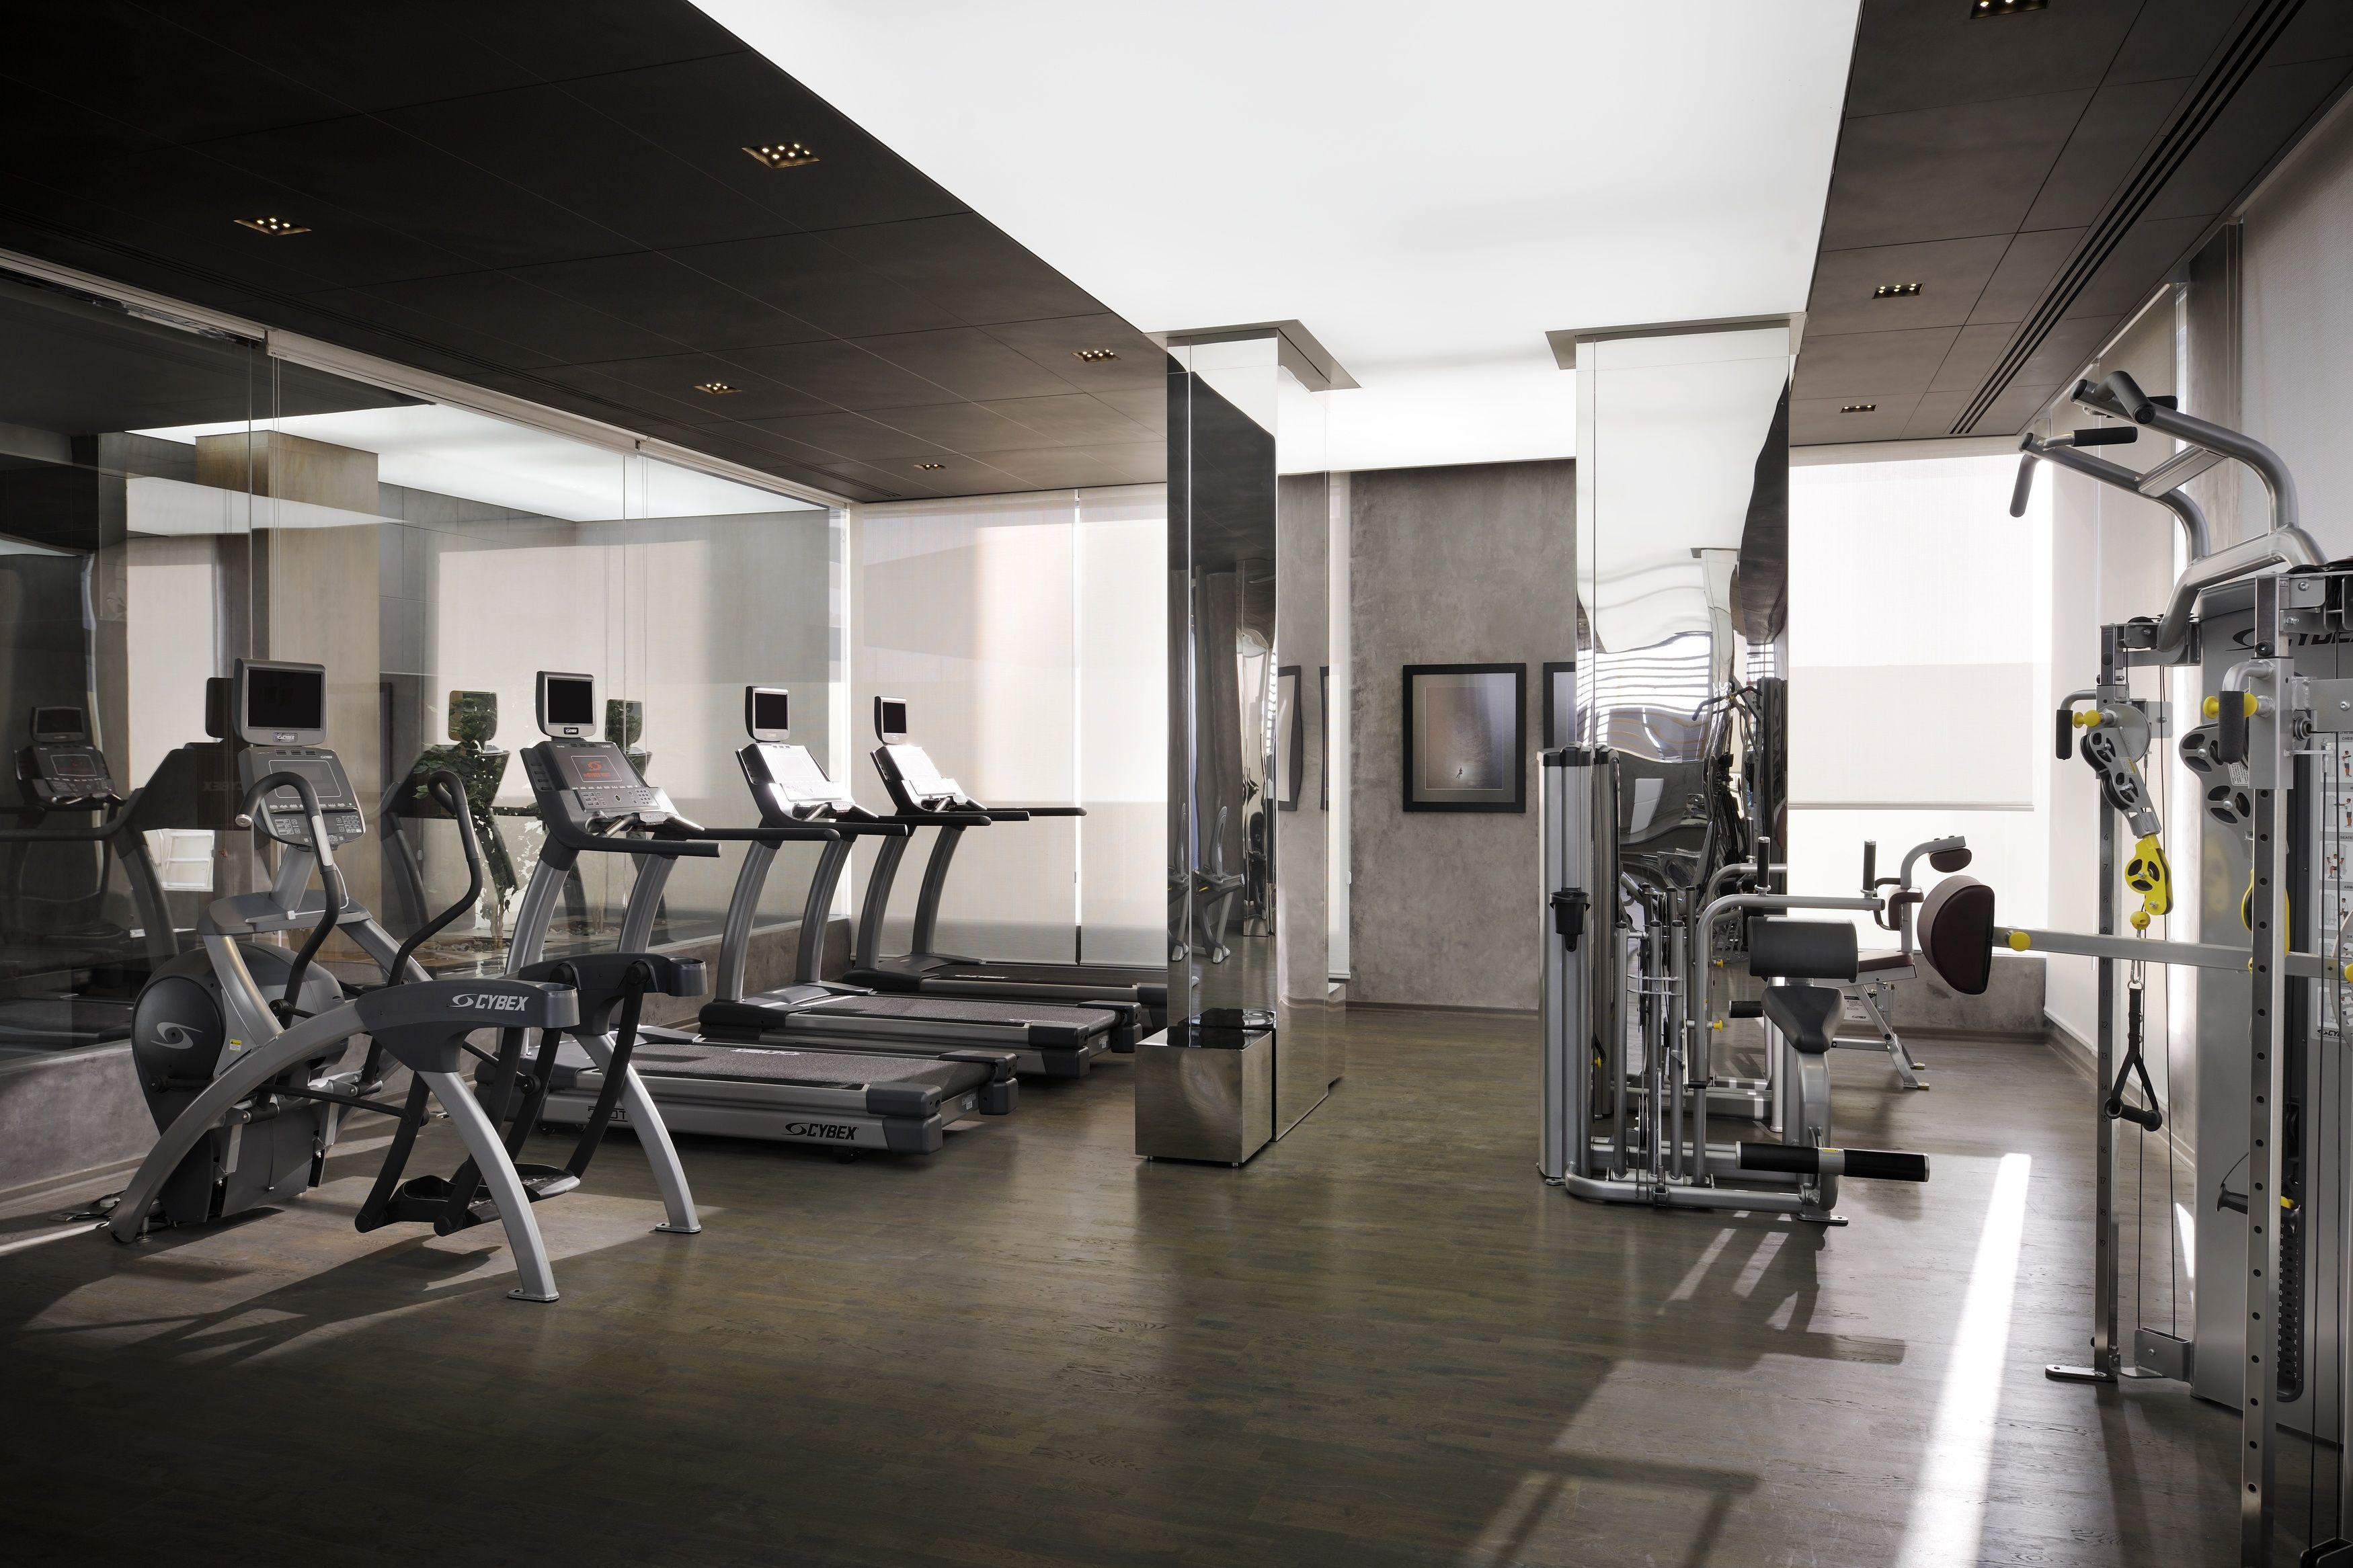 Hotel Gym Radisson Royal 5 Star In Dubai